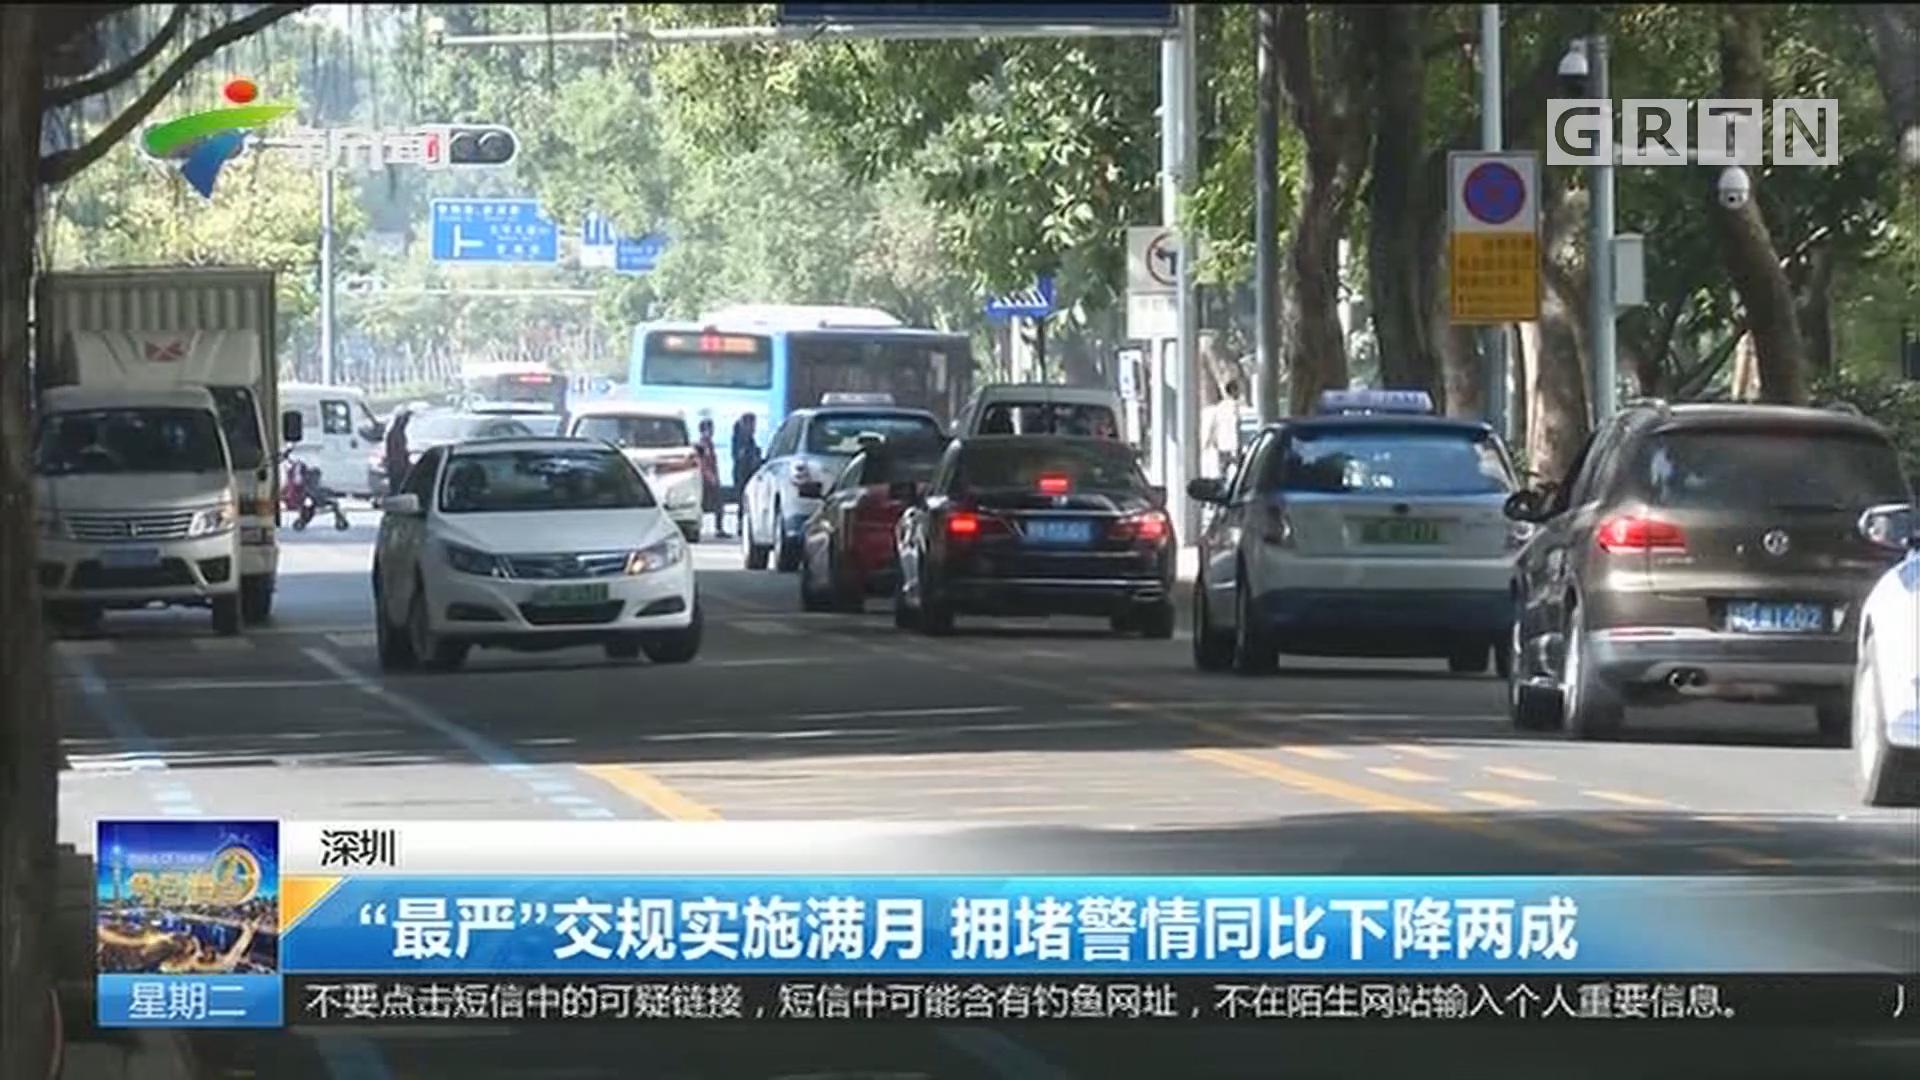 """深圳:""""最严""""交规实施满月 拥堵警情同比下降两成"""